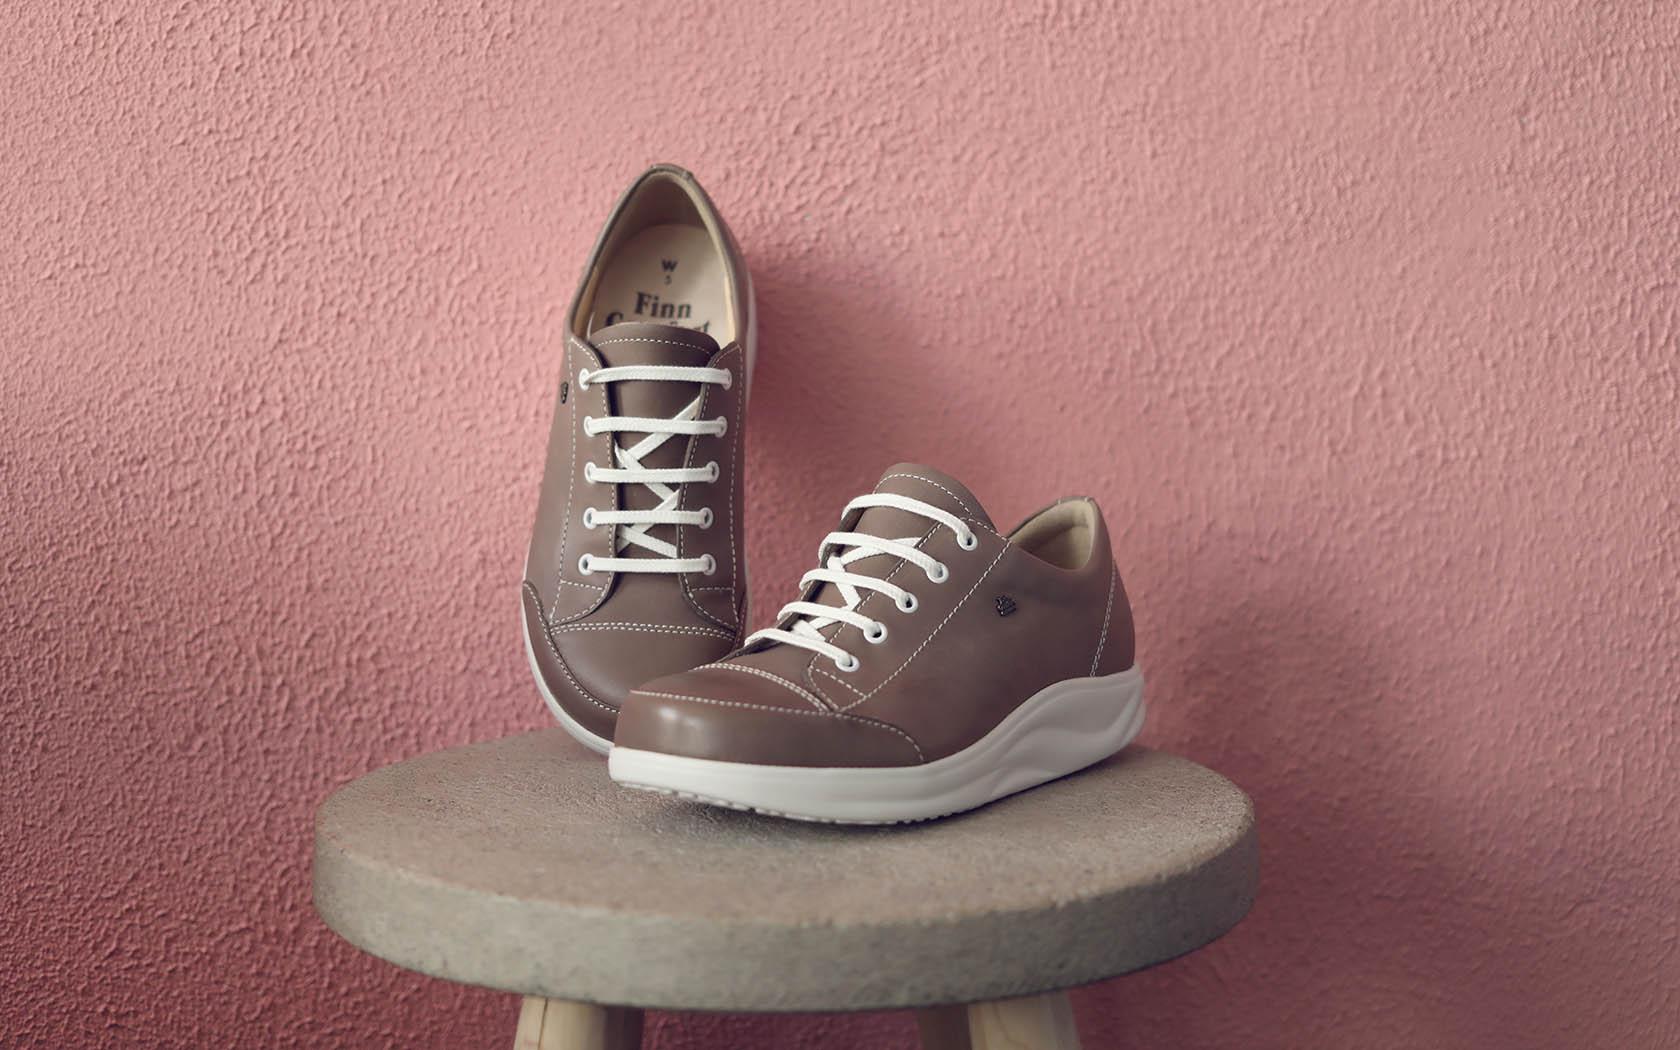 Finn Comfort schoenen